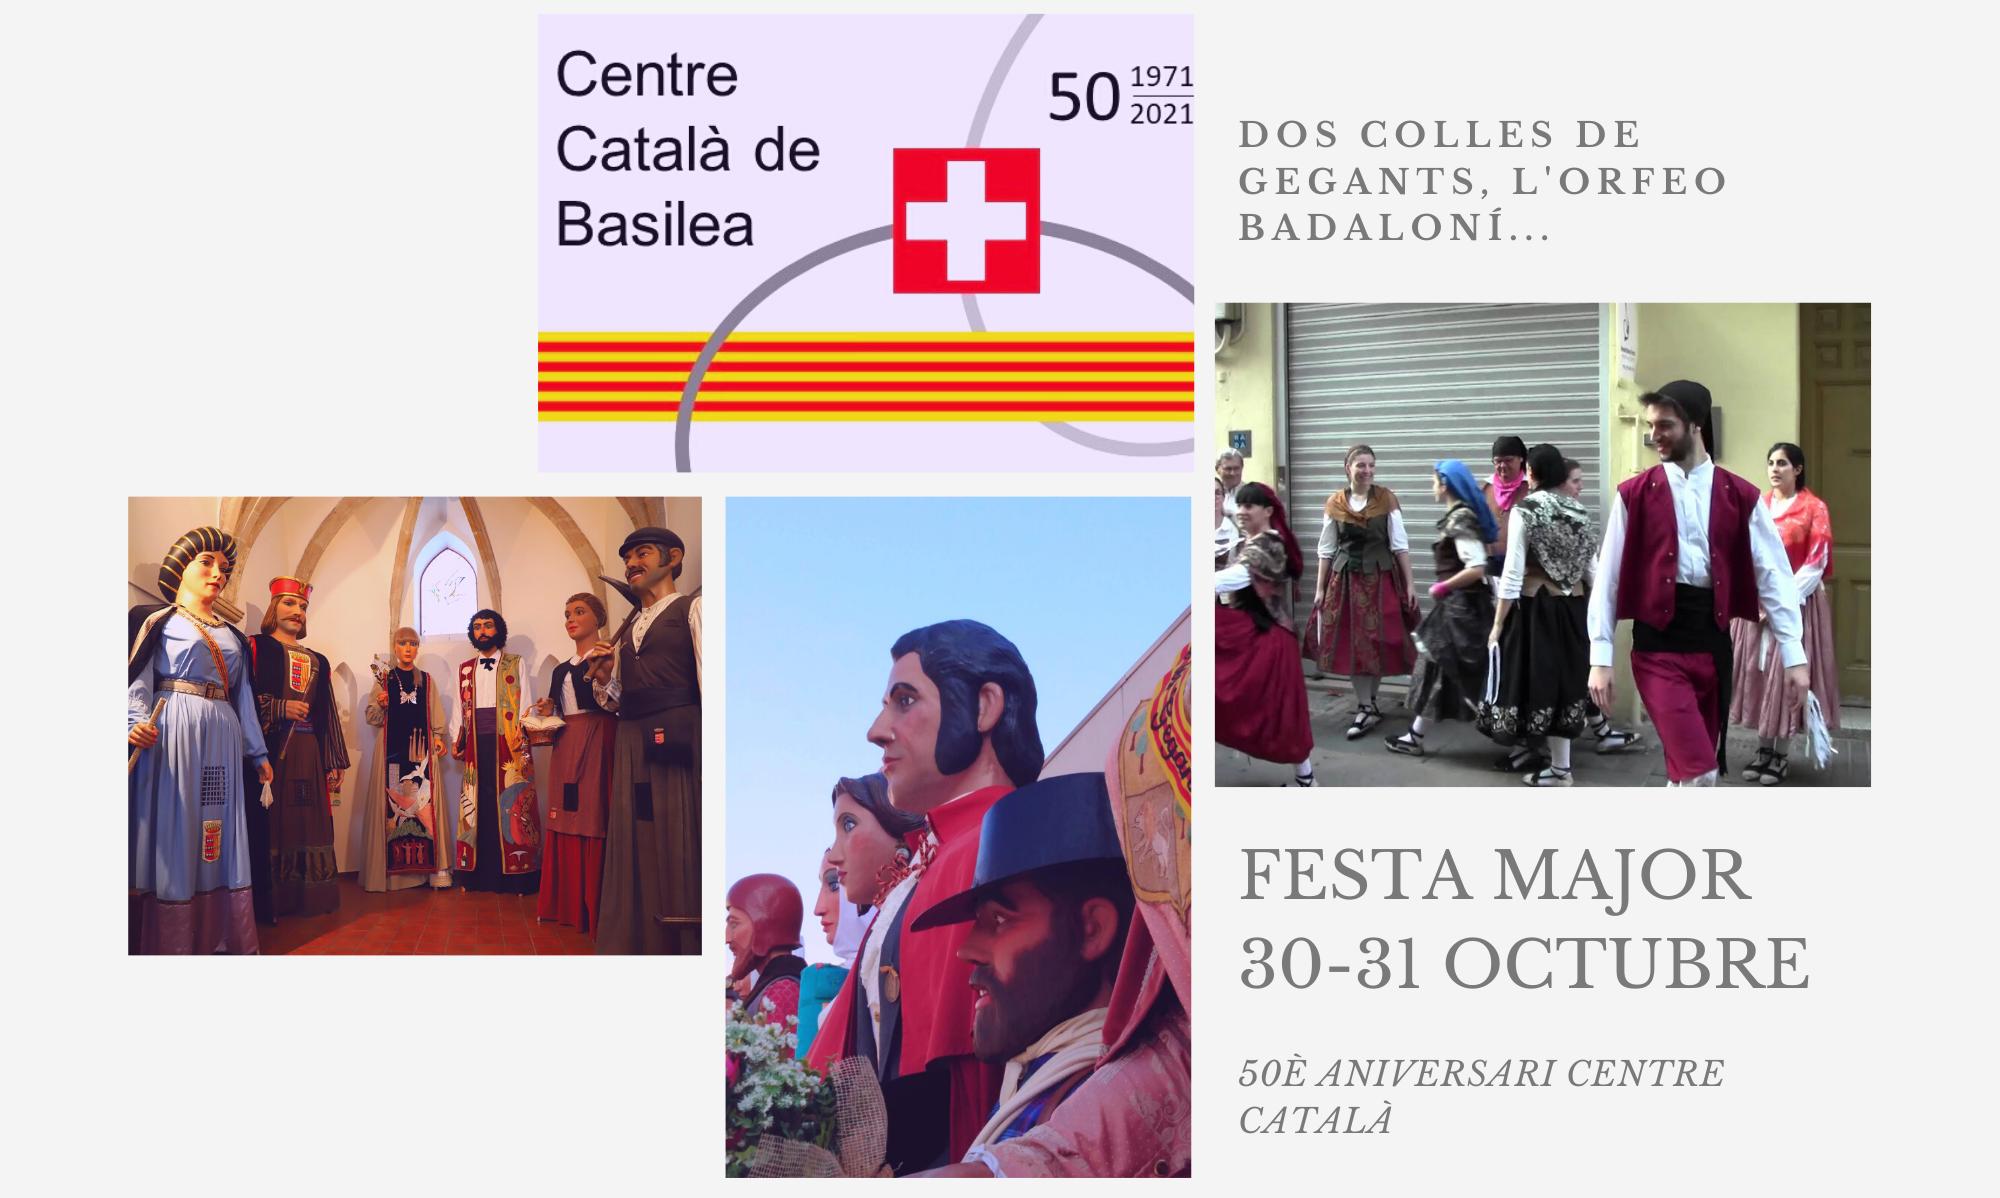 30-31 Octubre – Festa Major 50è Aniversari CCB